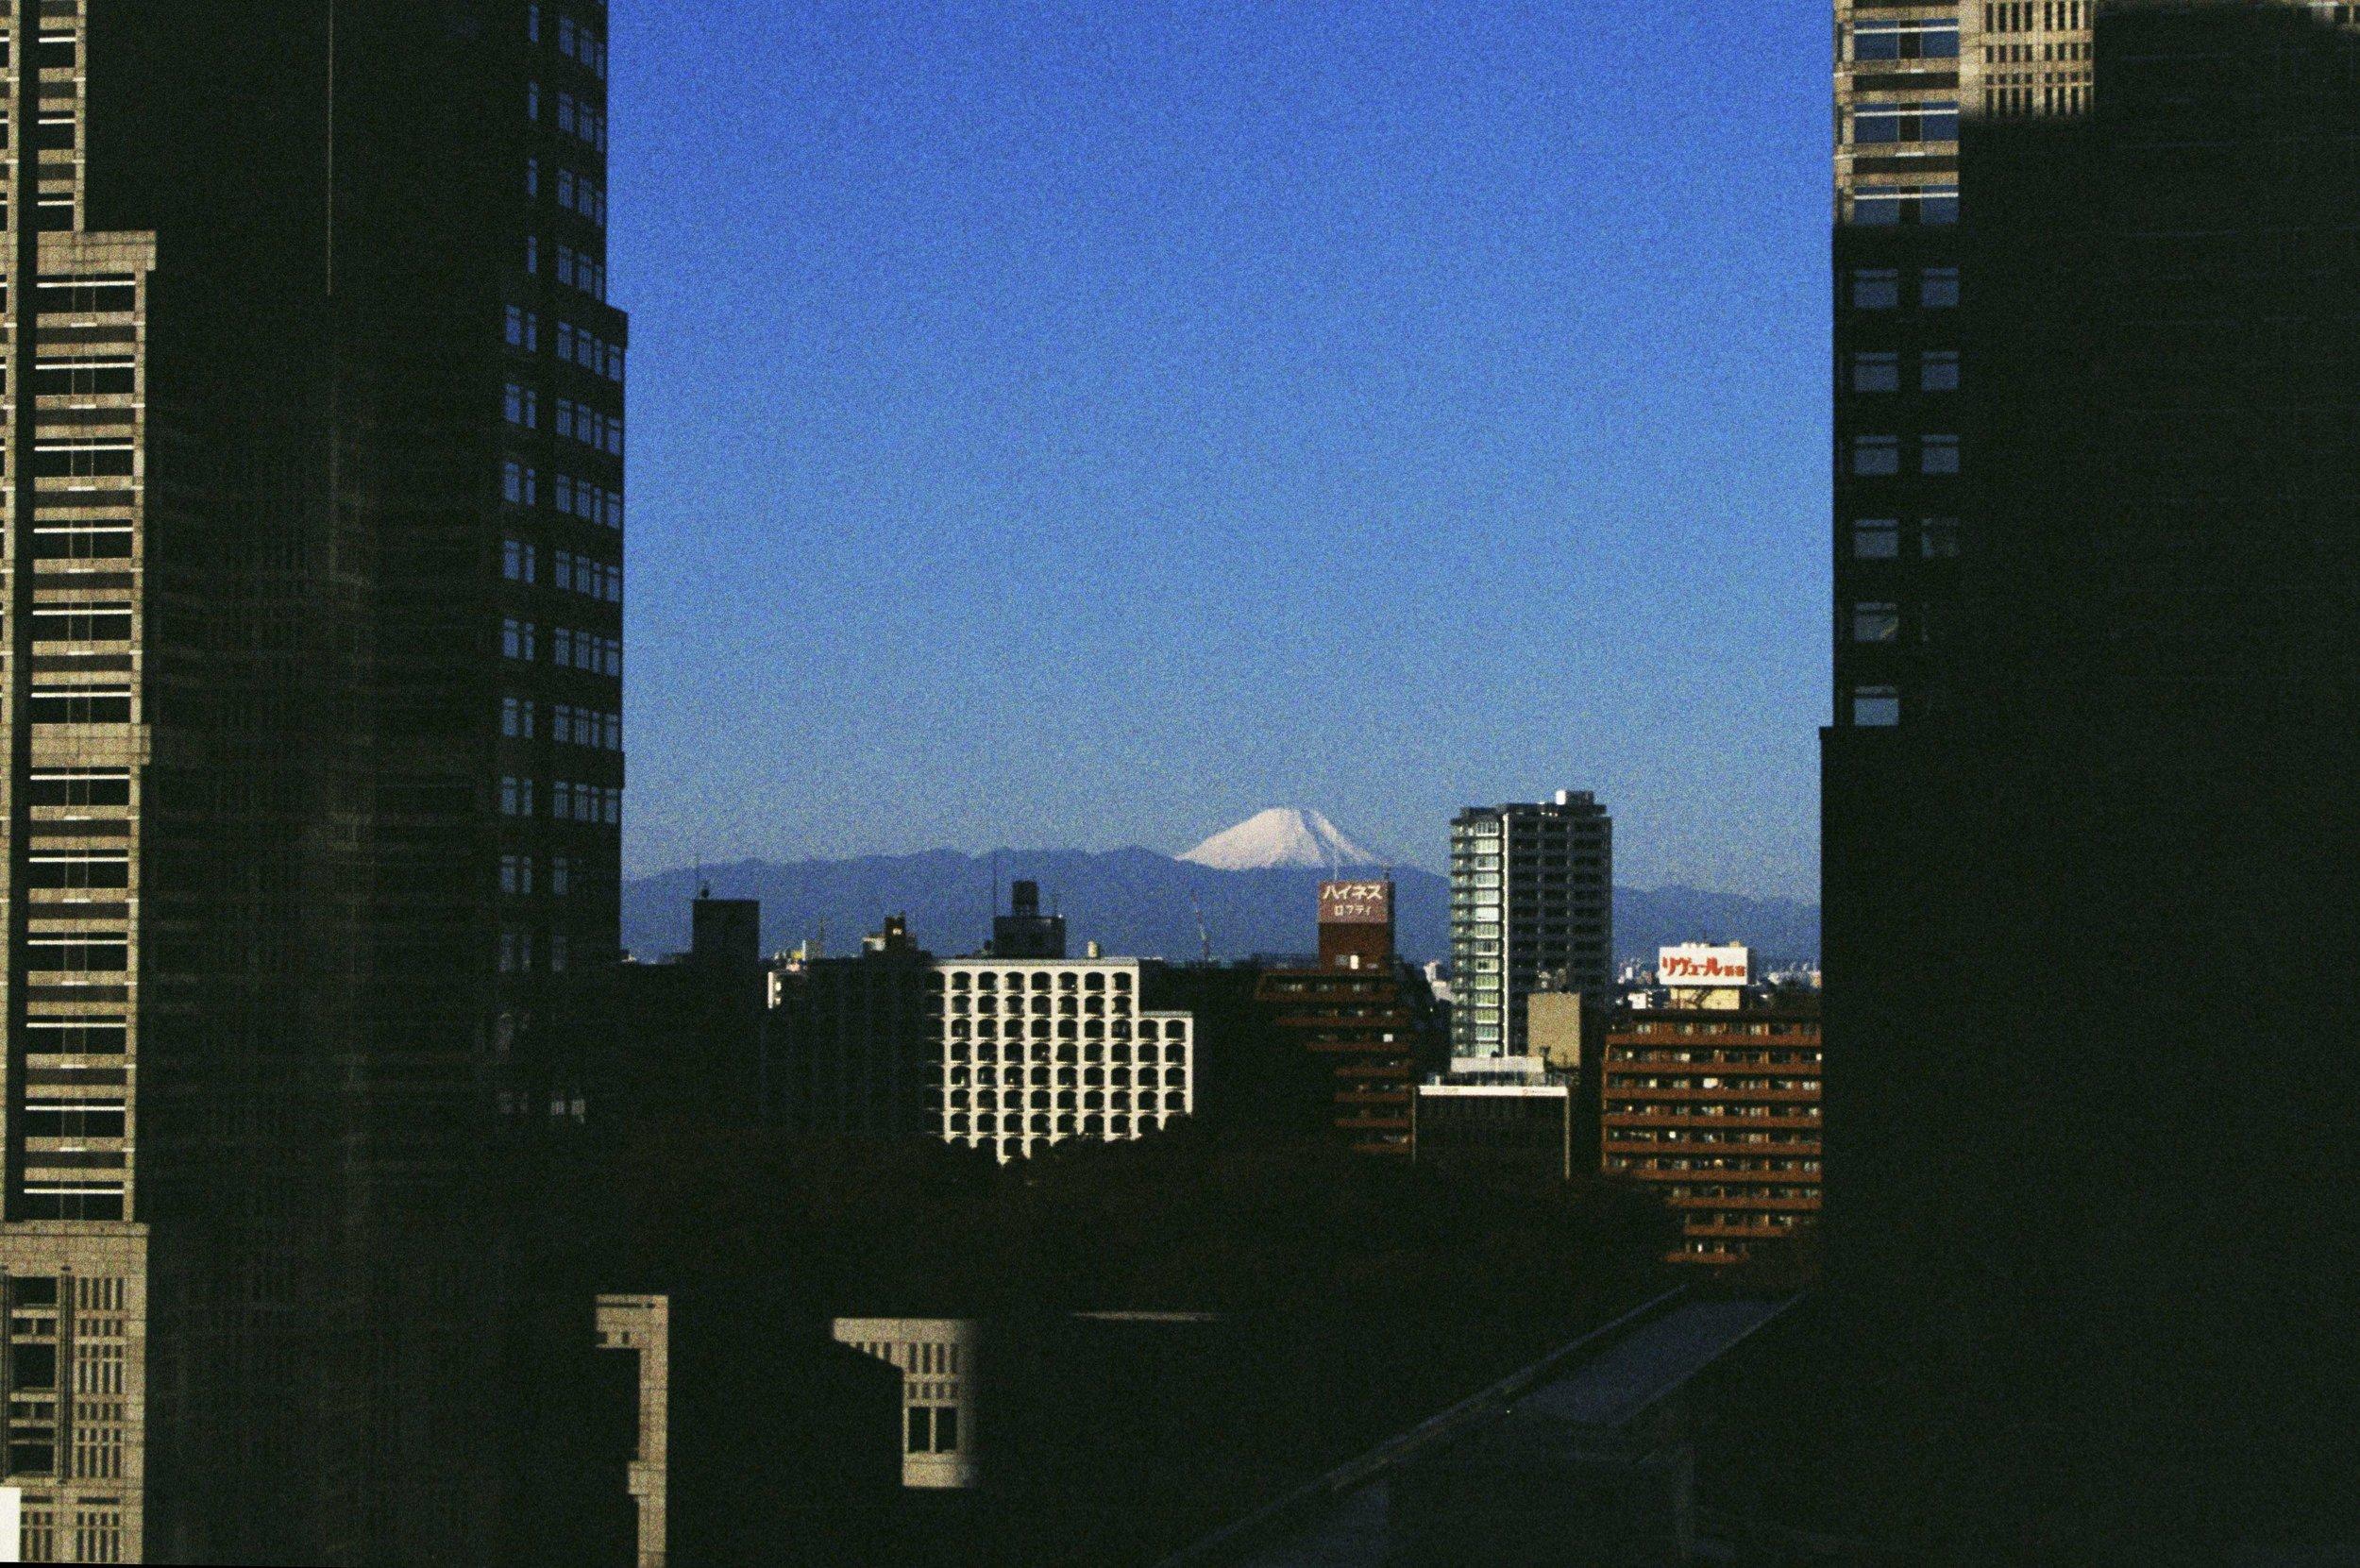 Mont Fuji - Japan 2016